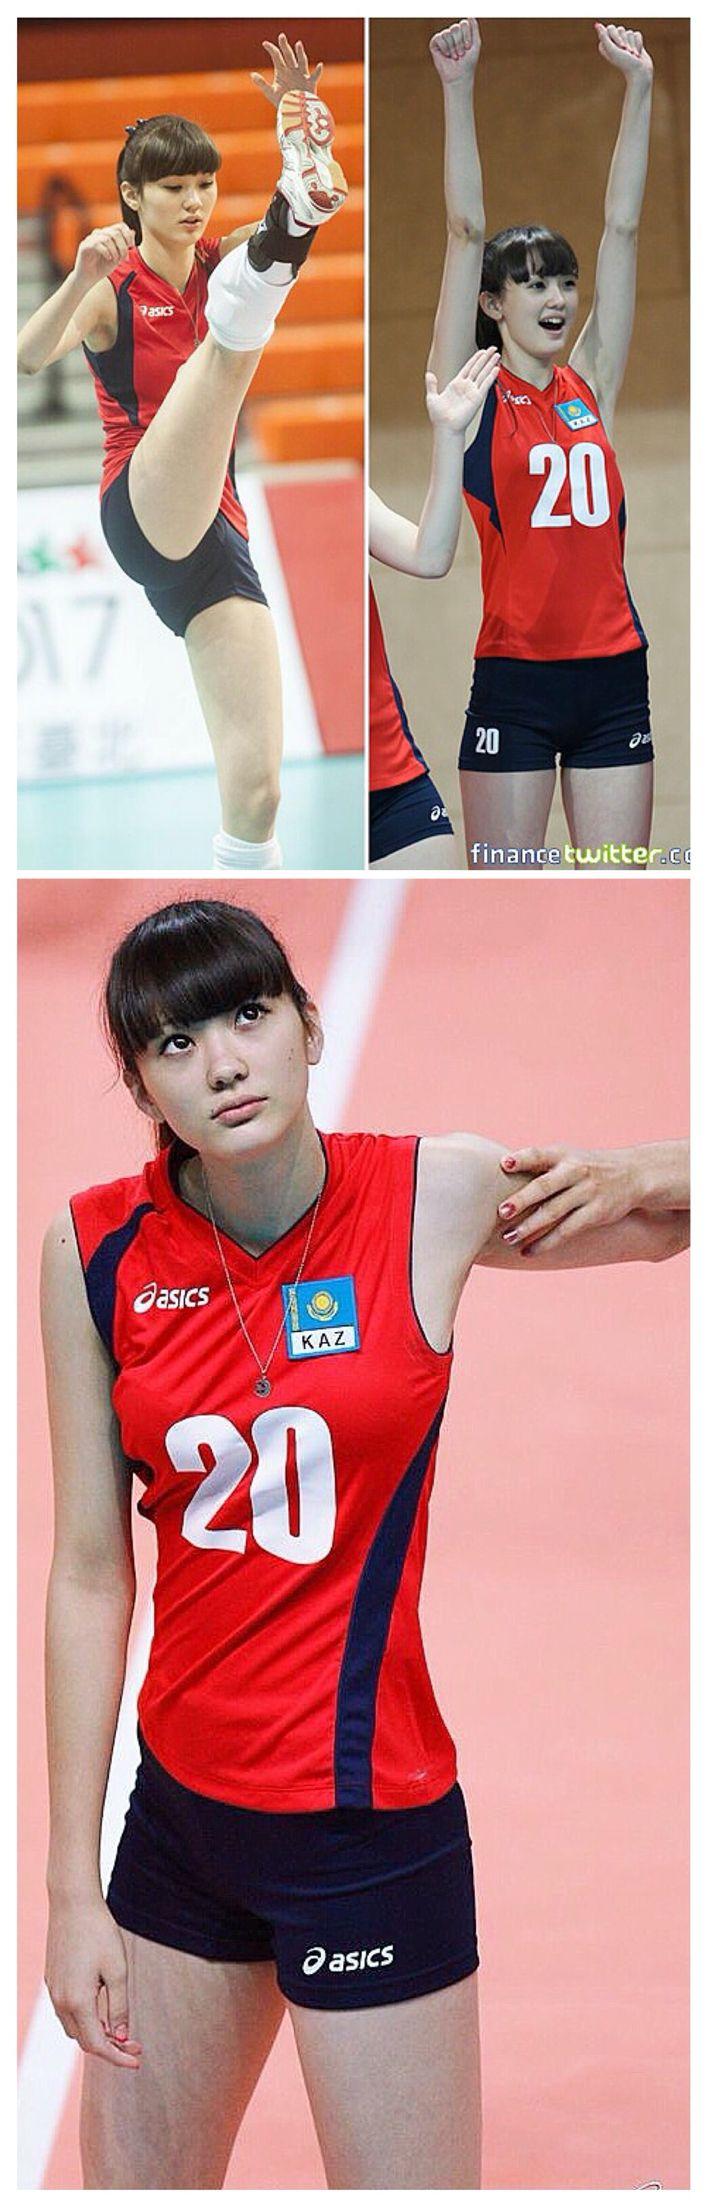 Sabina Altynbekova : Atlet Bola Volley Kazakhstan Yang